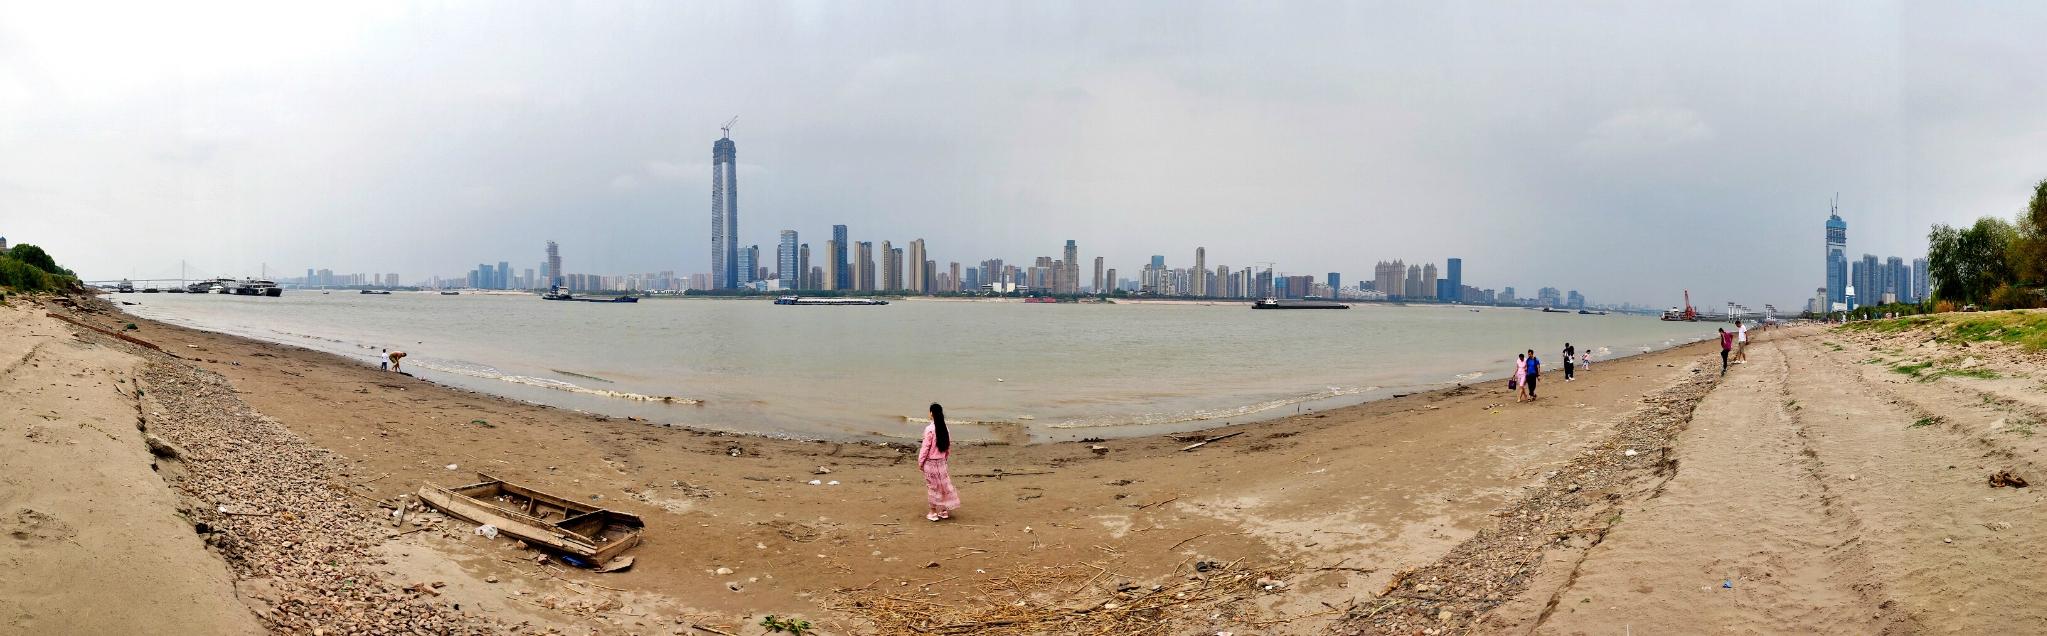 武汉,一座被樱花湮没的江城